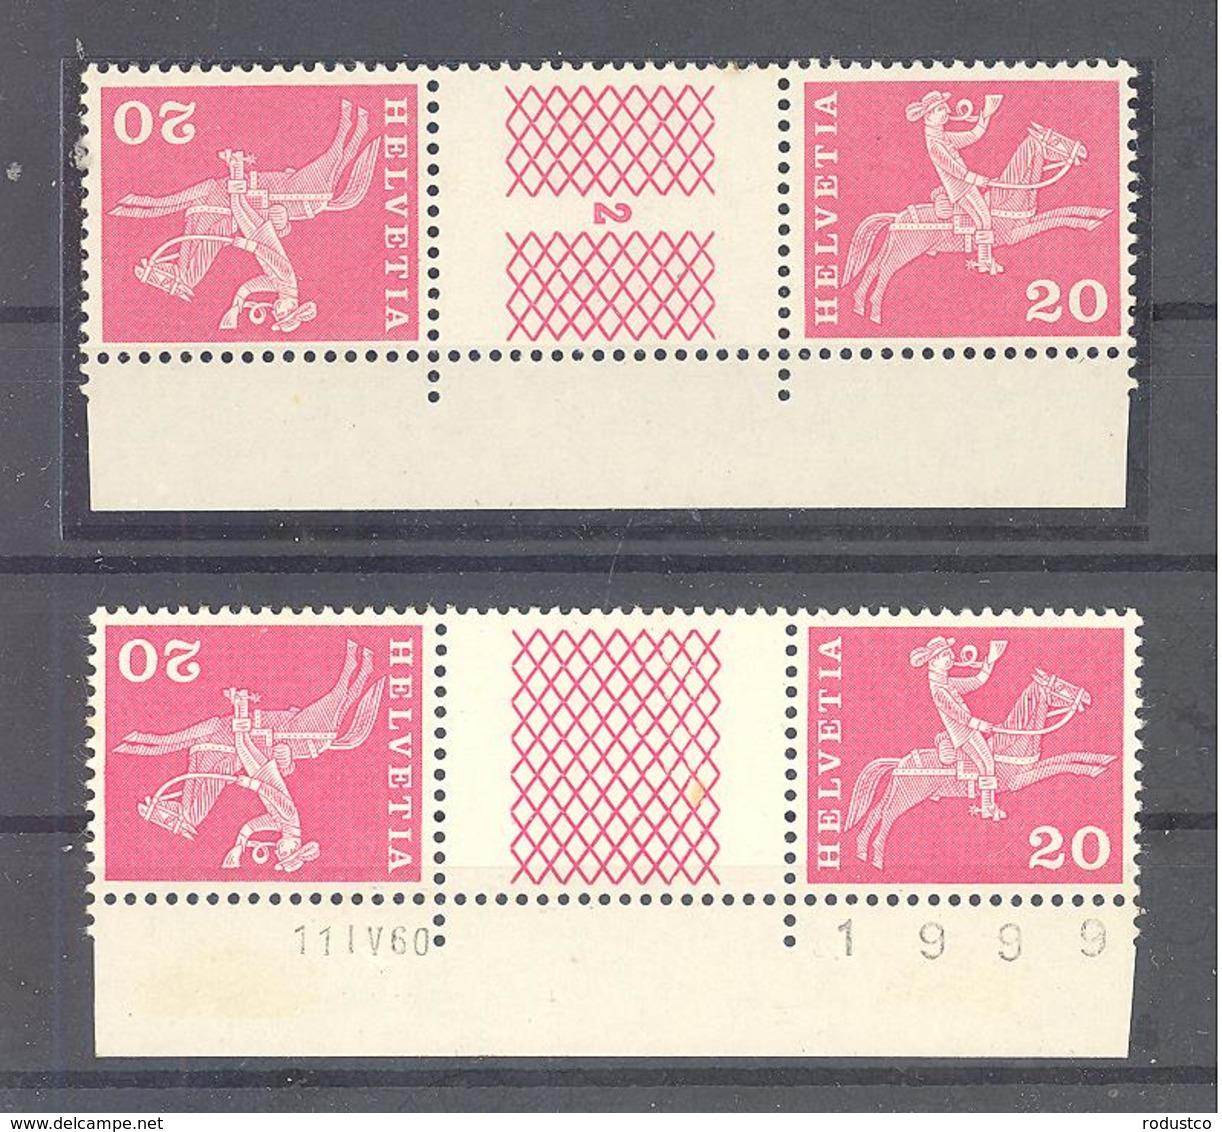 Schweiz / Helvetia  Michel #  698 **  2 X 3-er Streifen - Kisten Für Briefmarken